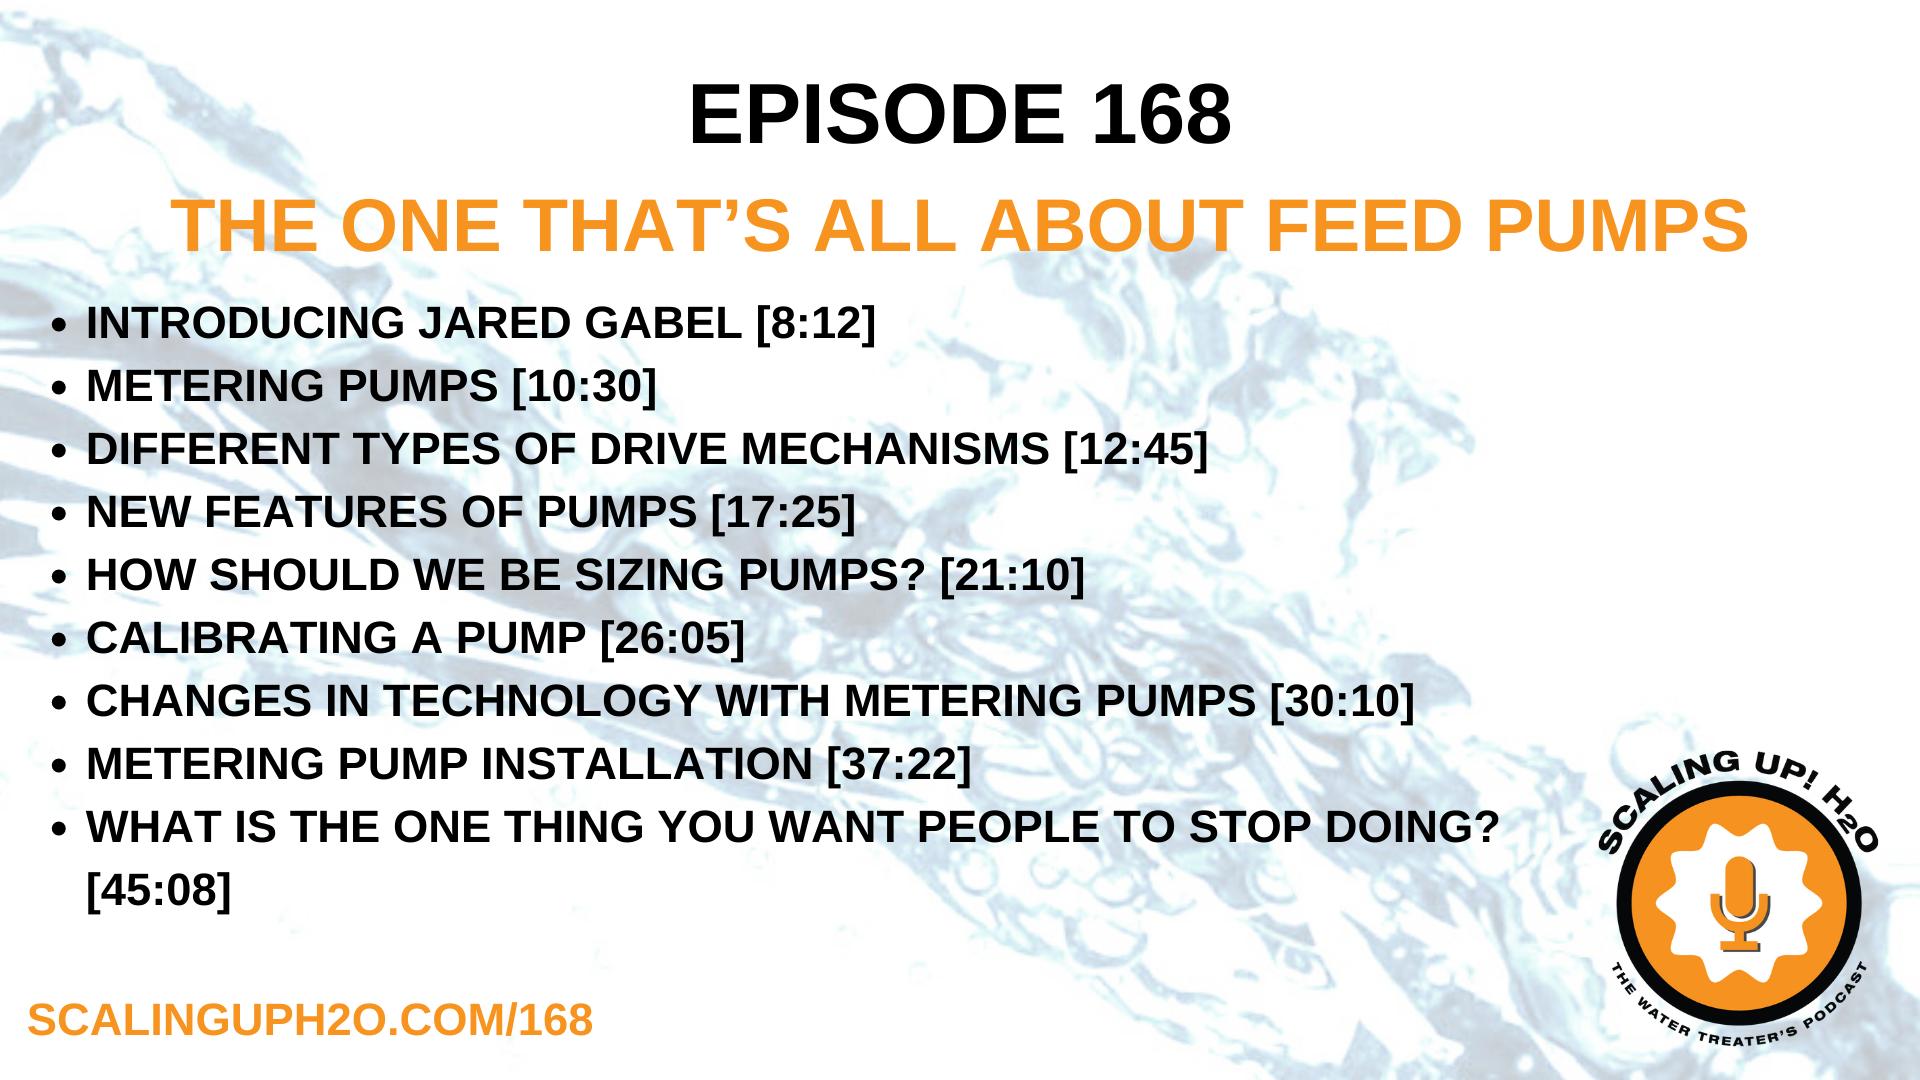 feed pump, metering pump, drive mechanism, types of boiler feed pumps